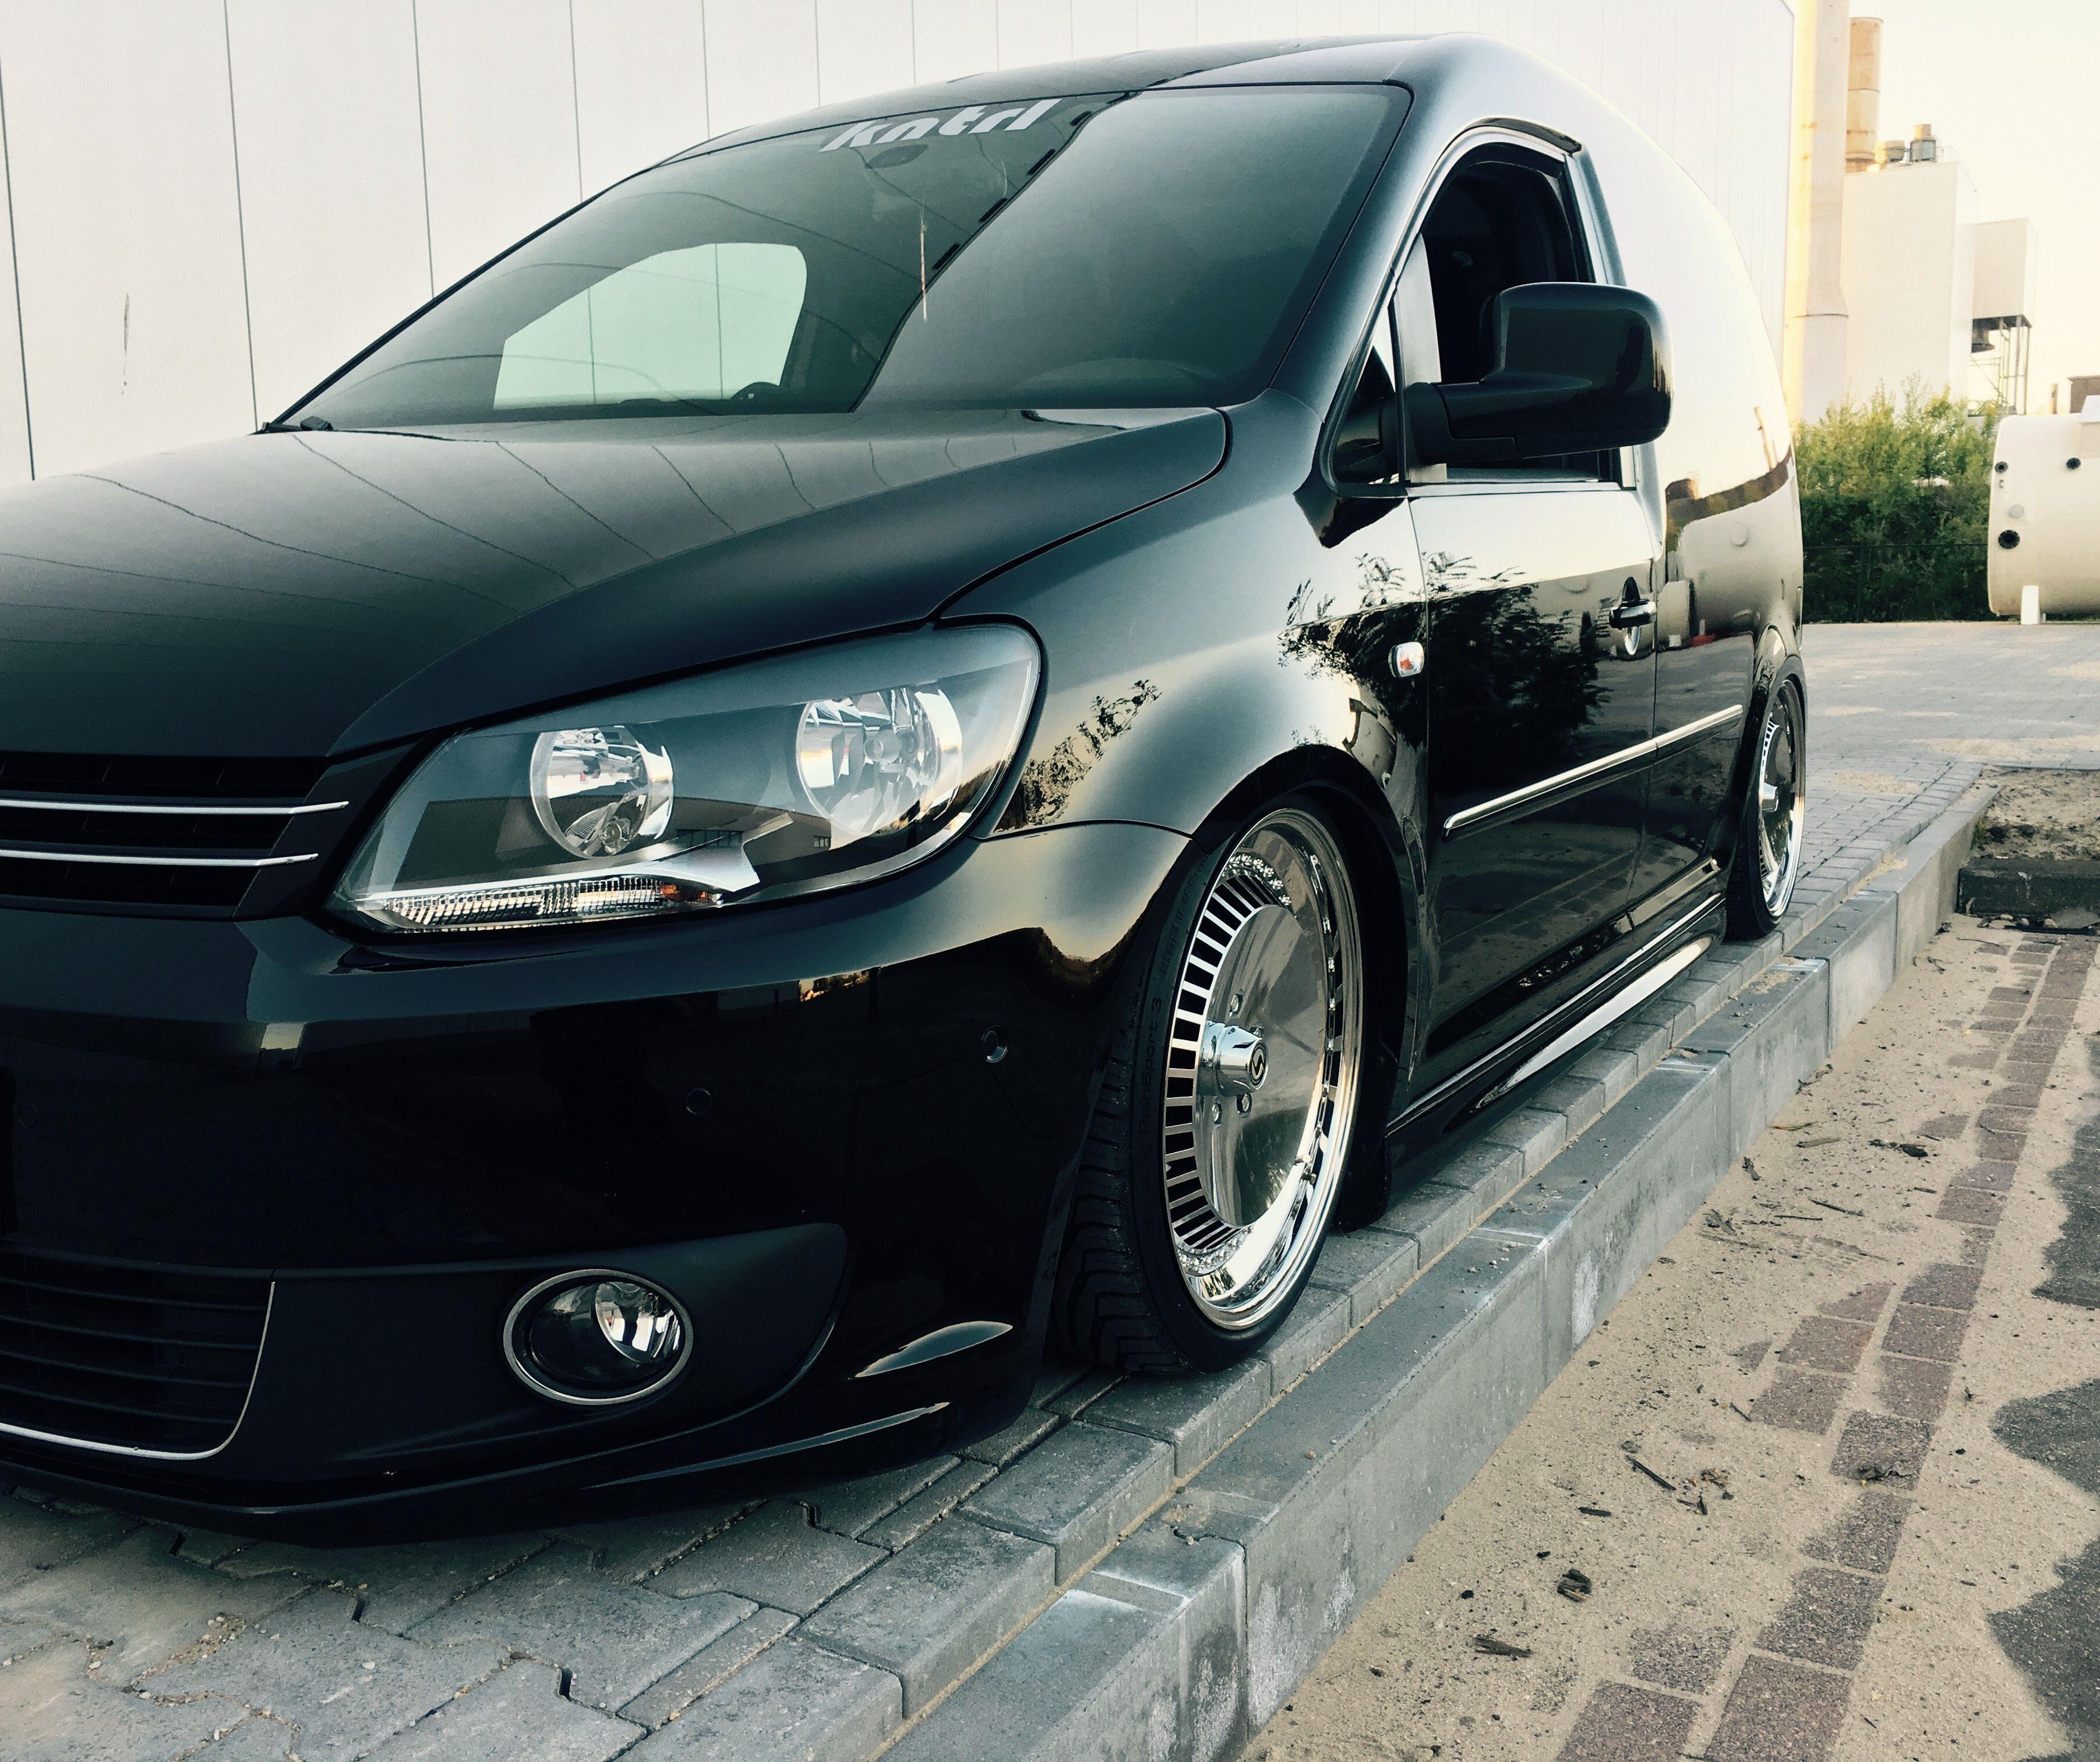 Bonhof Car Supplies schmidt th line low caddy 2.0 tdi | Volkswagen